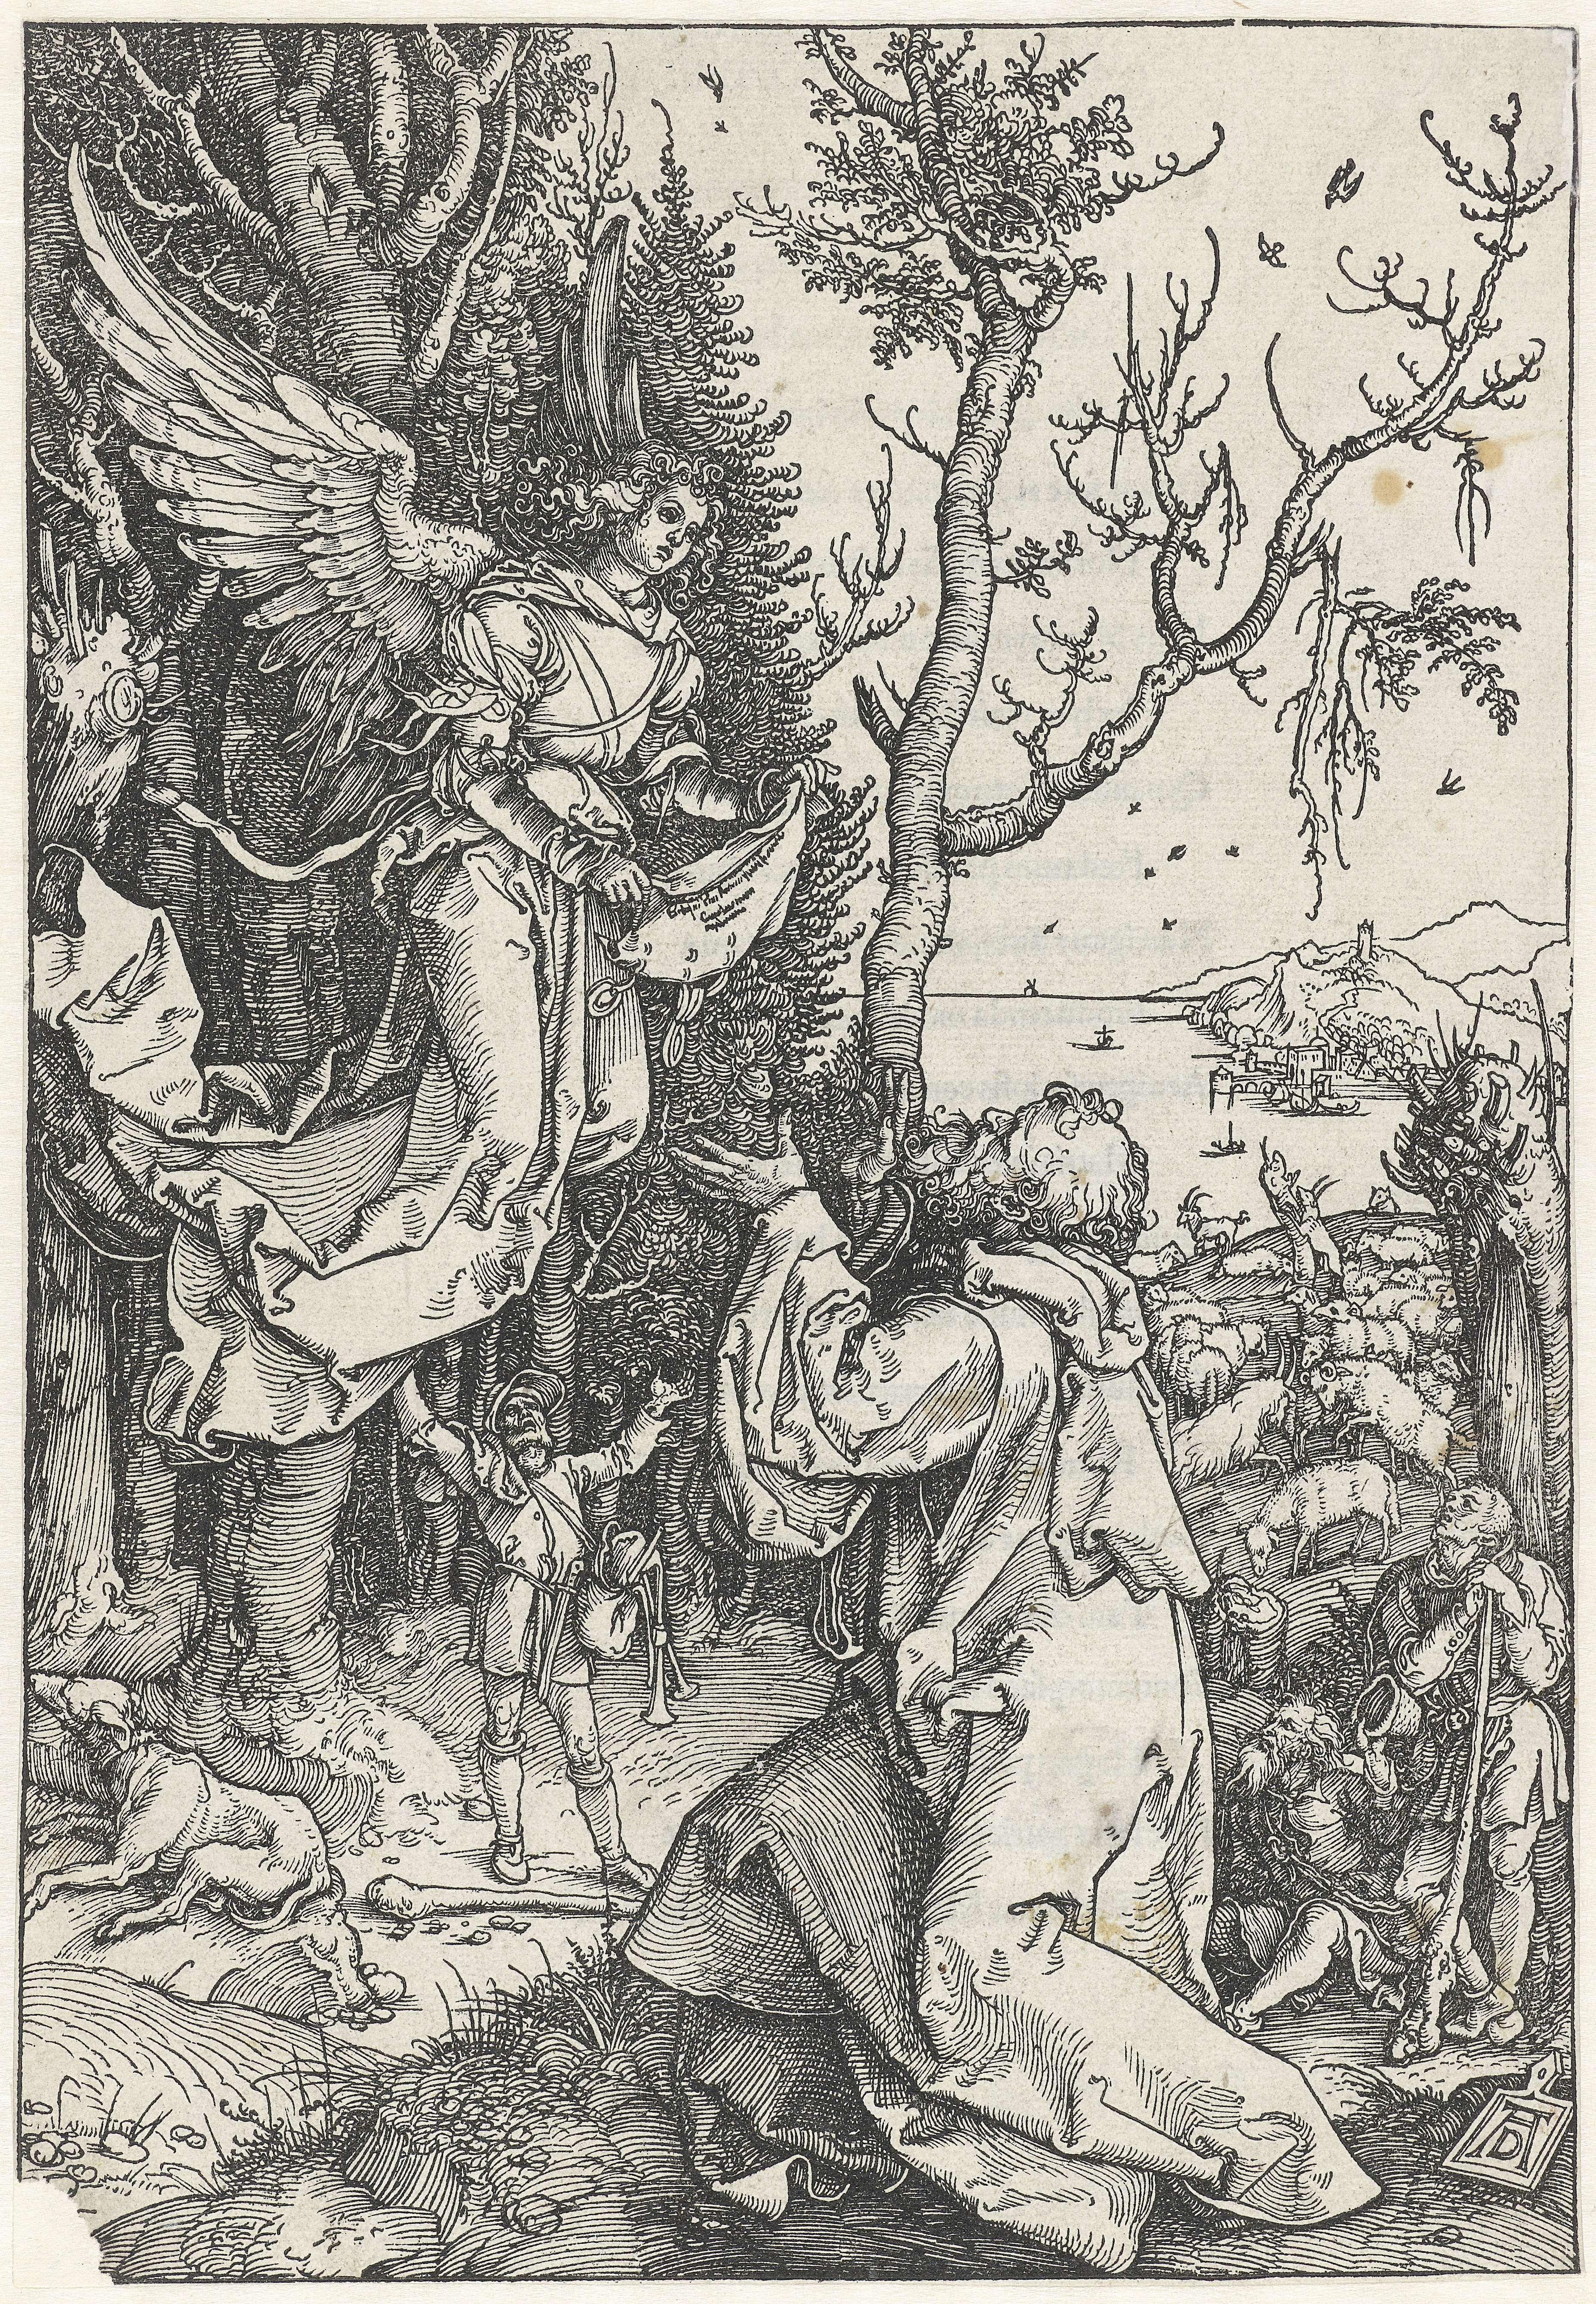 Albrecht Dürer | De aankondiging aan Joachim, Albrecht Dürer, 1502 - 1506 | In een bos knielt Joachim voor een engel, die de geboorte van zijn dochter Maria aankondigt. Op de achtergrond enkele herders en hun kudden. Nog verder op de achtergrond een baai. Op versozijde gedrukte Latijnse tekst. Deze prent is onderdeel van een serie van 20 prenten, bestaand uit een titelprent en 19 prenten met scènes uit het leven van Maria.